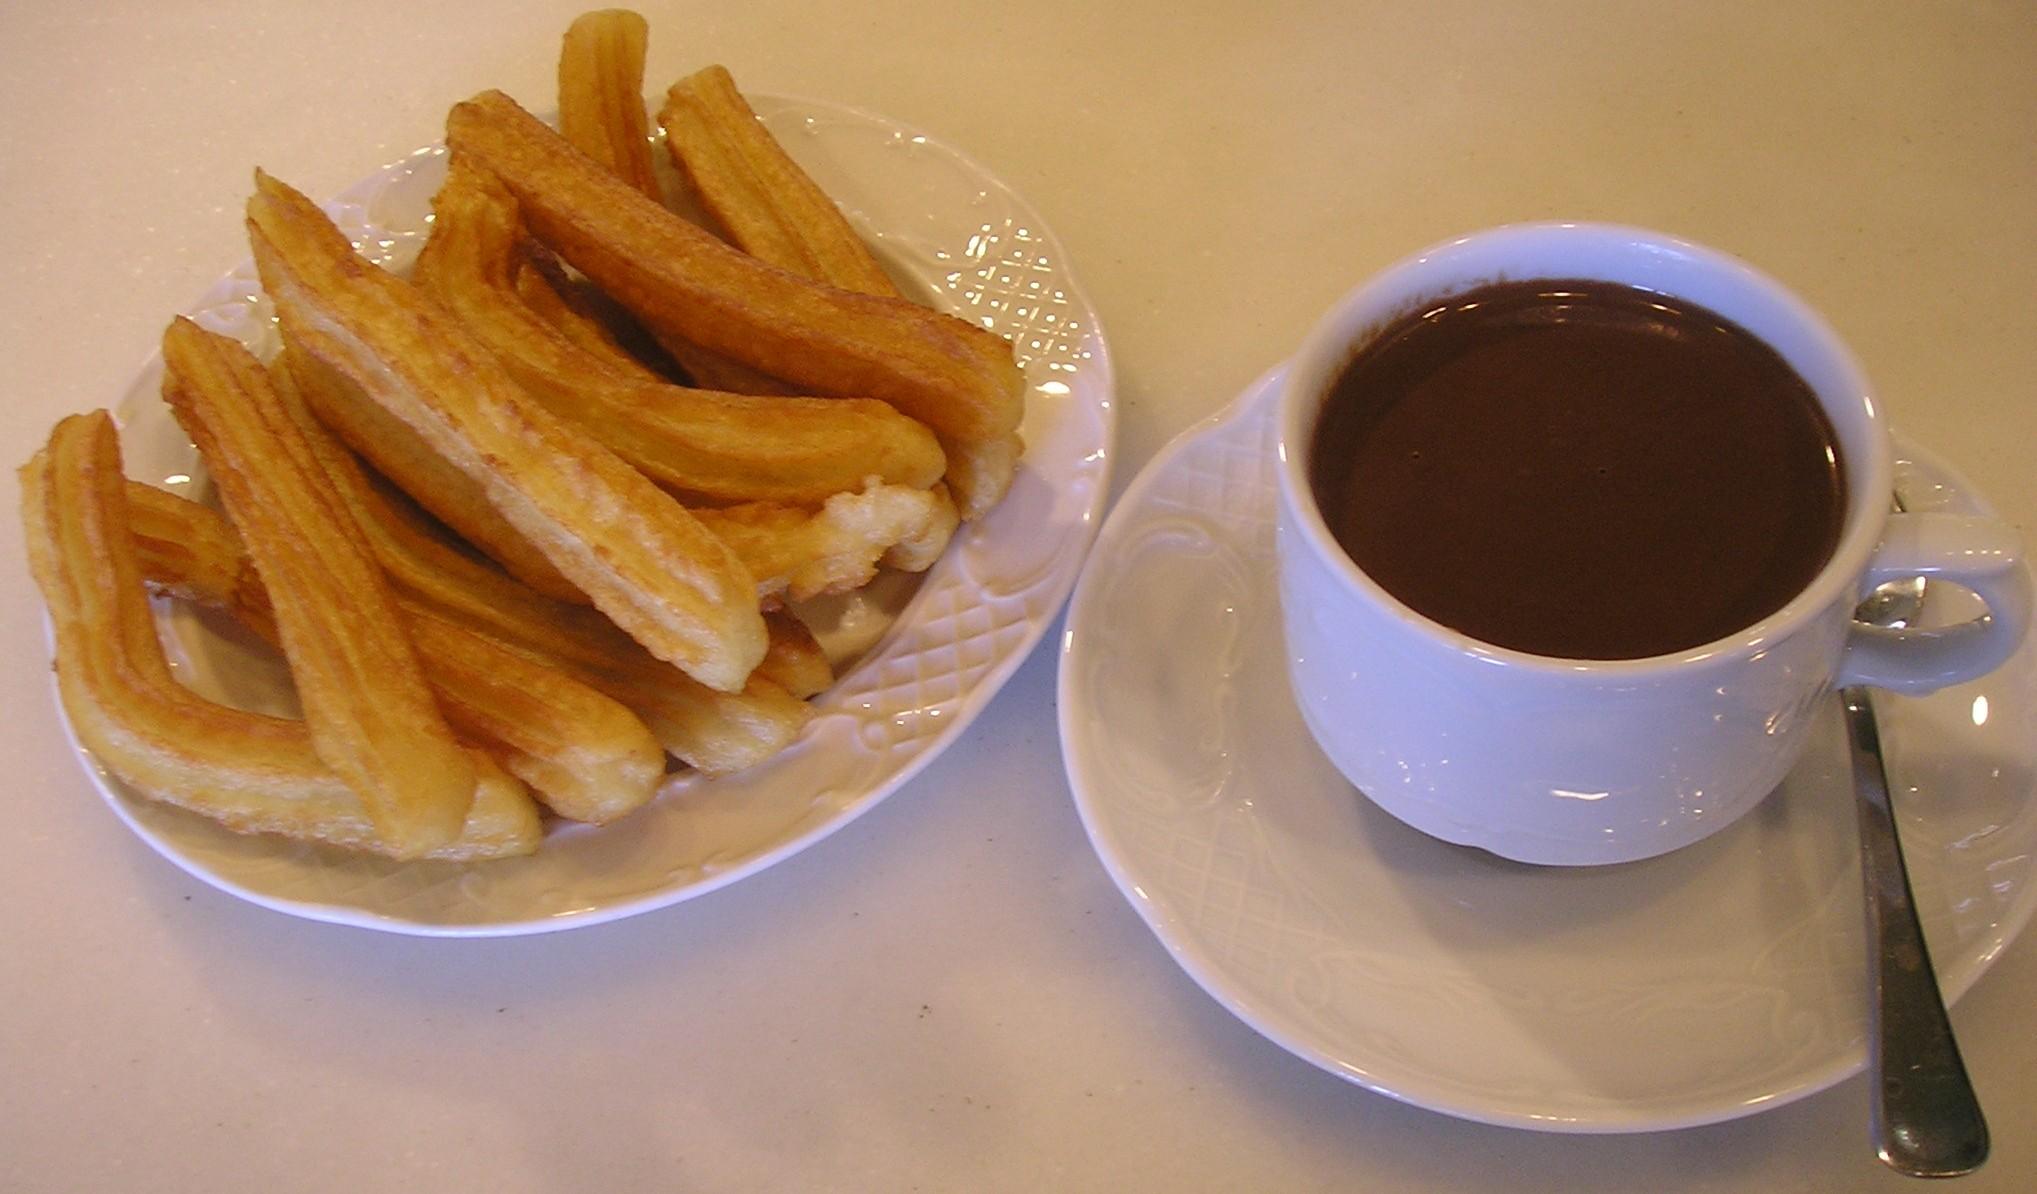 EL HILO DE LOS AMIGUETES 13f72b47-c996-4680-a0a0-f7087970e634_Chocolate%20con%20Churros%20confiteria%20items%20006